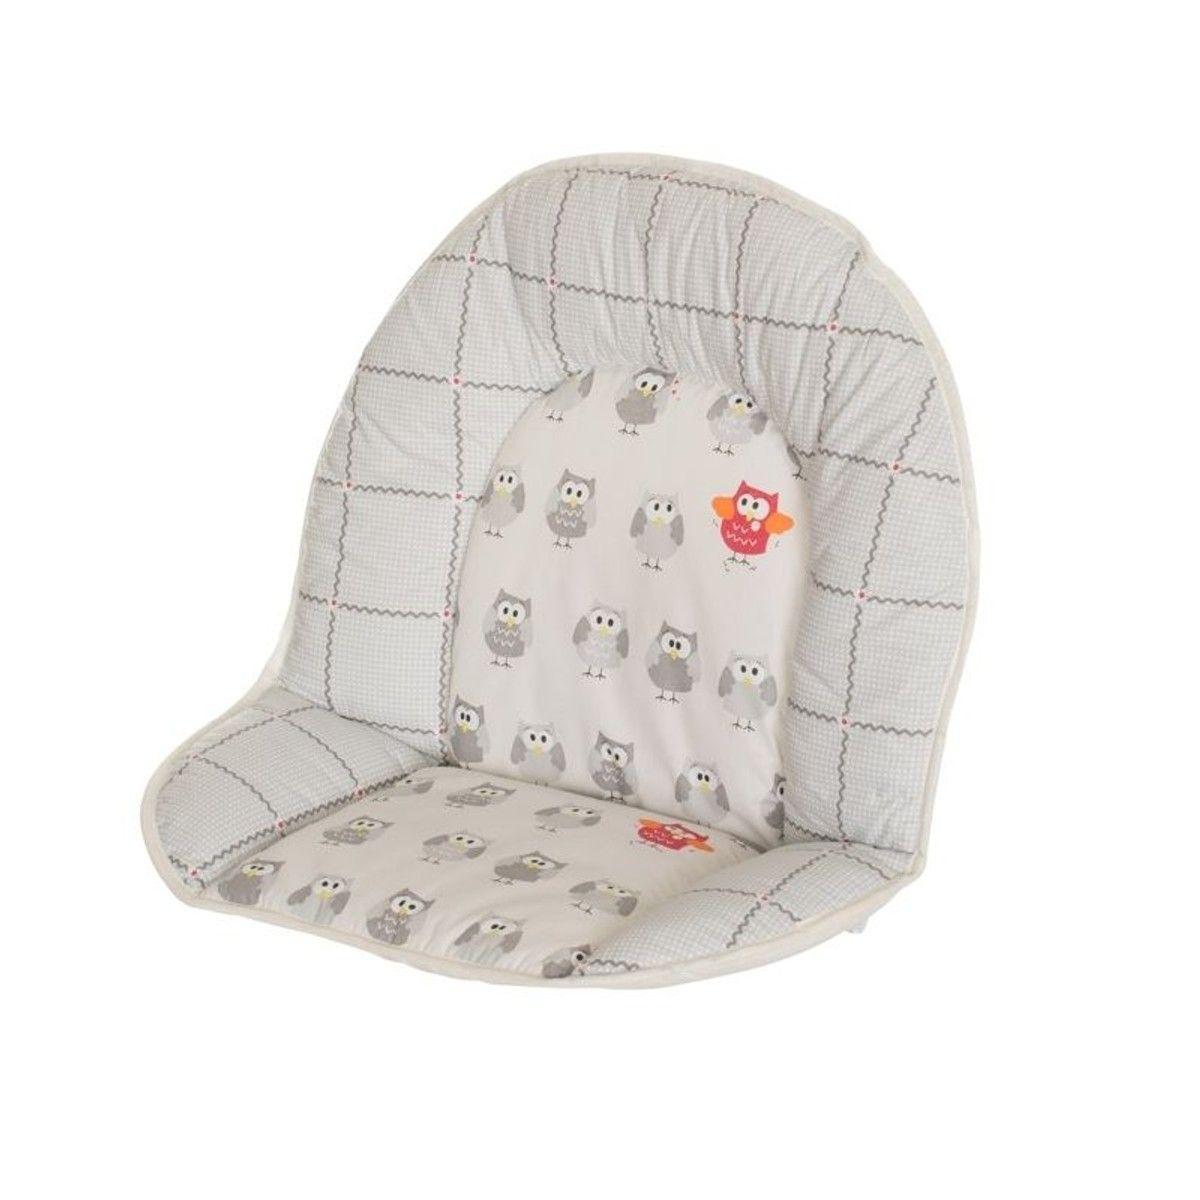 Coussin De Chaise Pvc Chouette E Chaise Haute Bebe Chaise